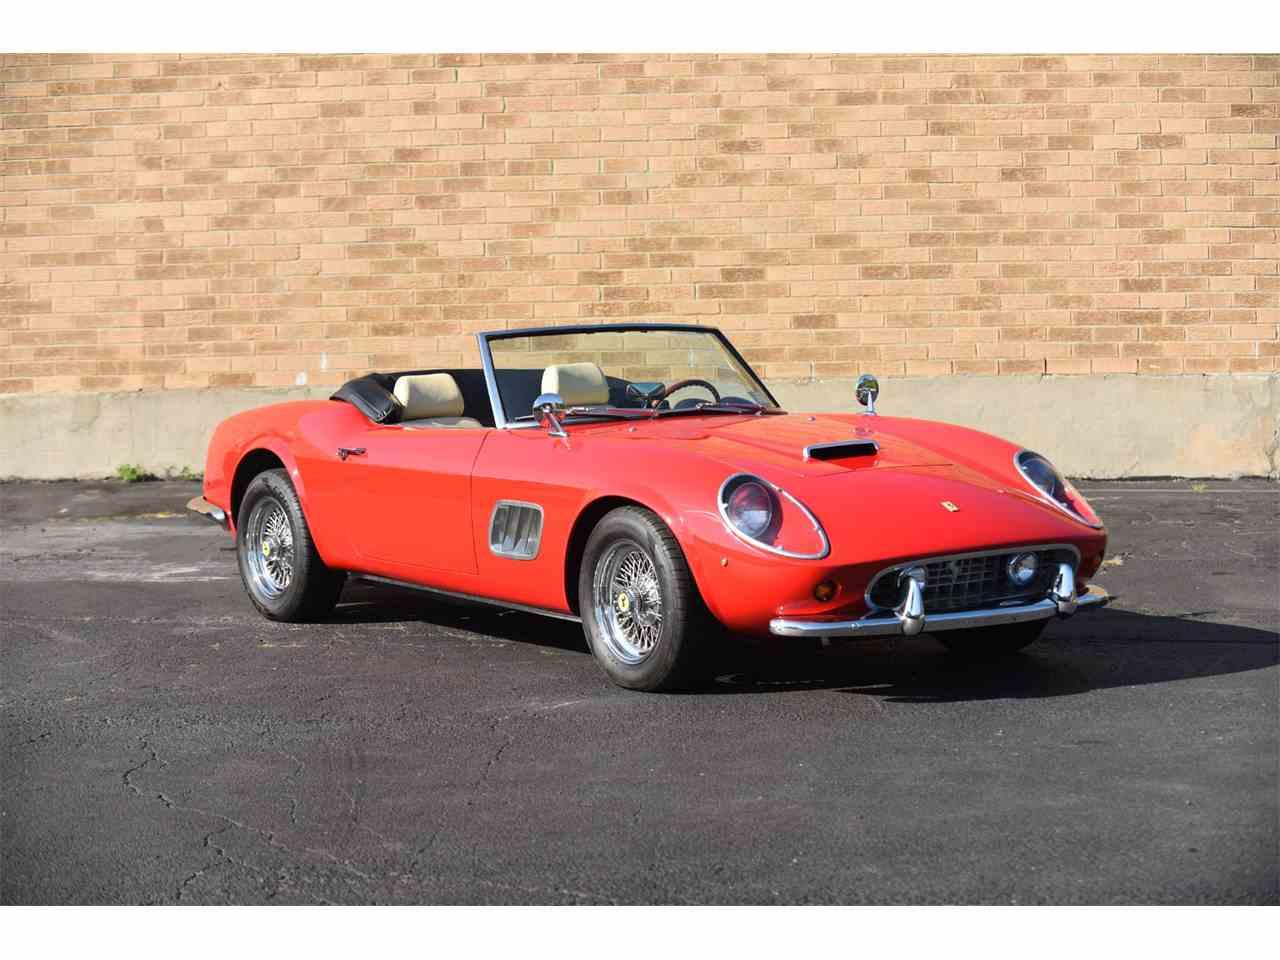 1962 Ferrari 250 GT California Spyder SWB for Sale ...